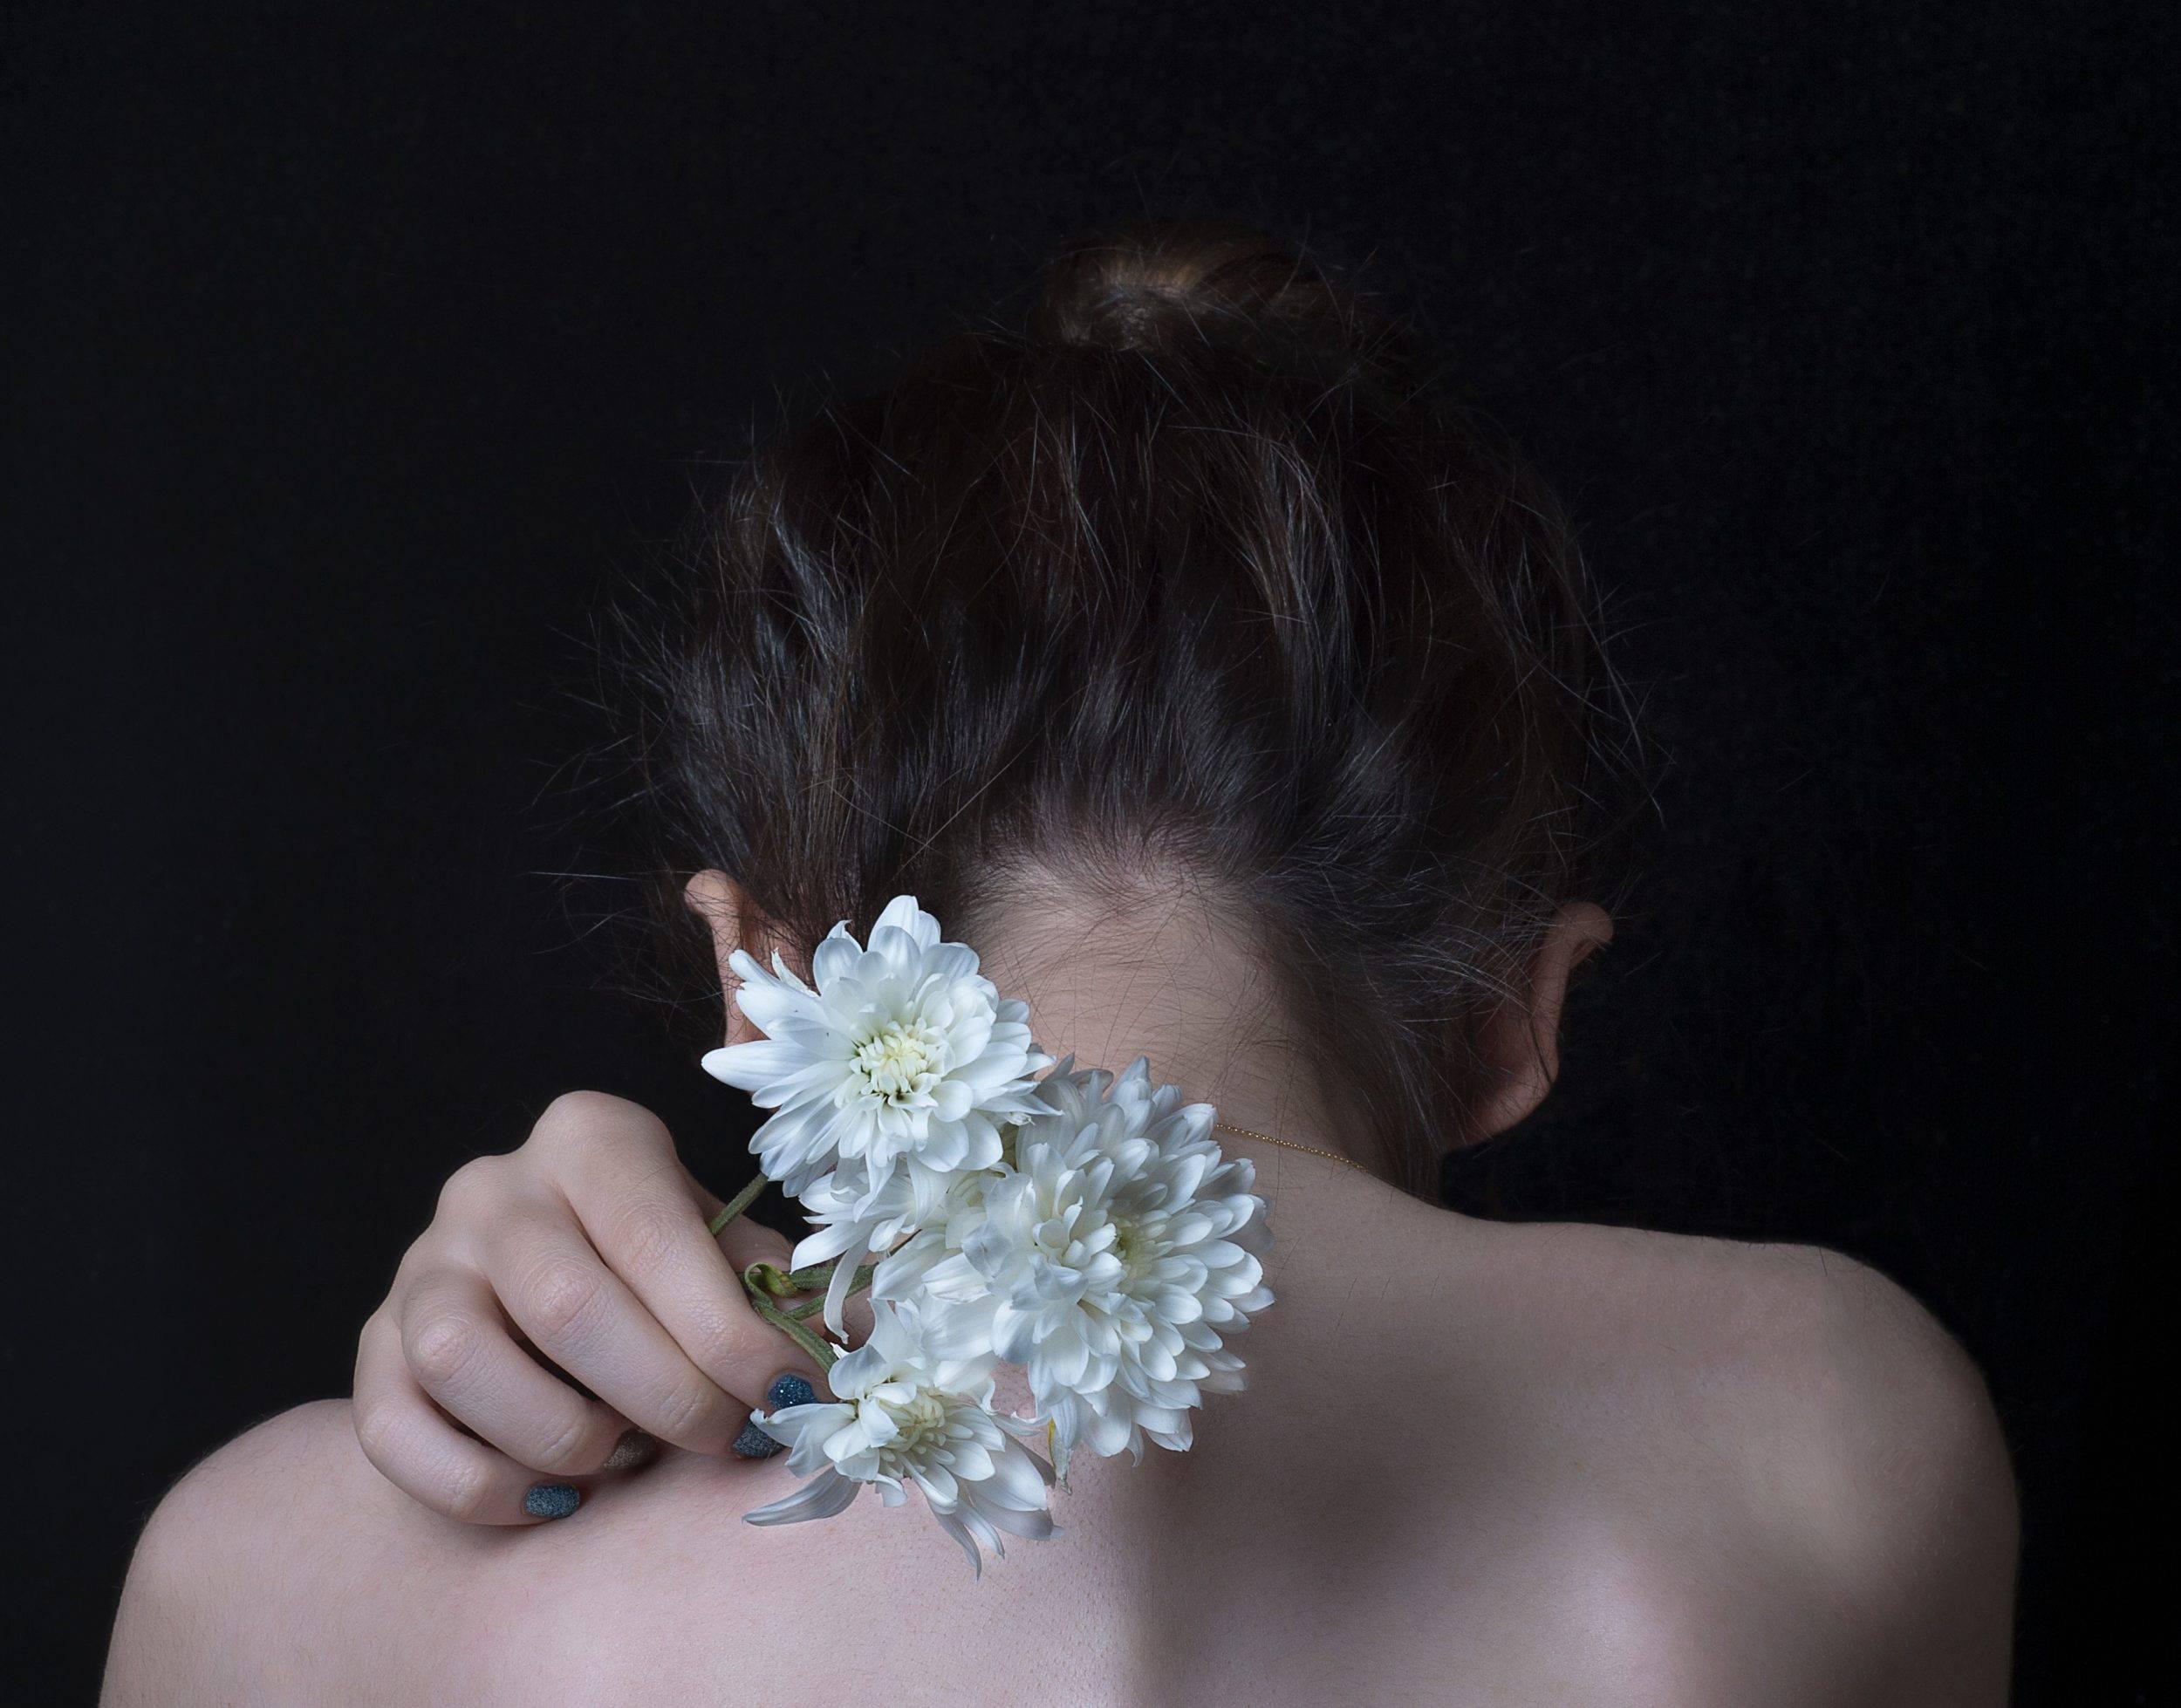 www.juicysantos.com.br - a tristeza da dor que sentimos